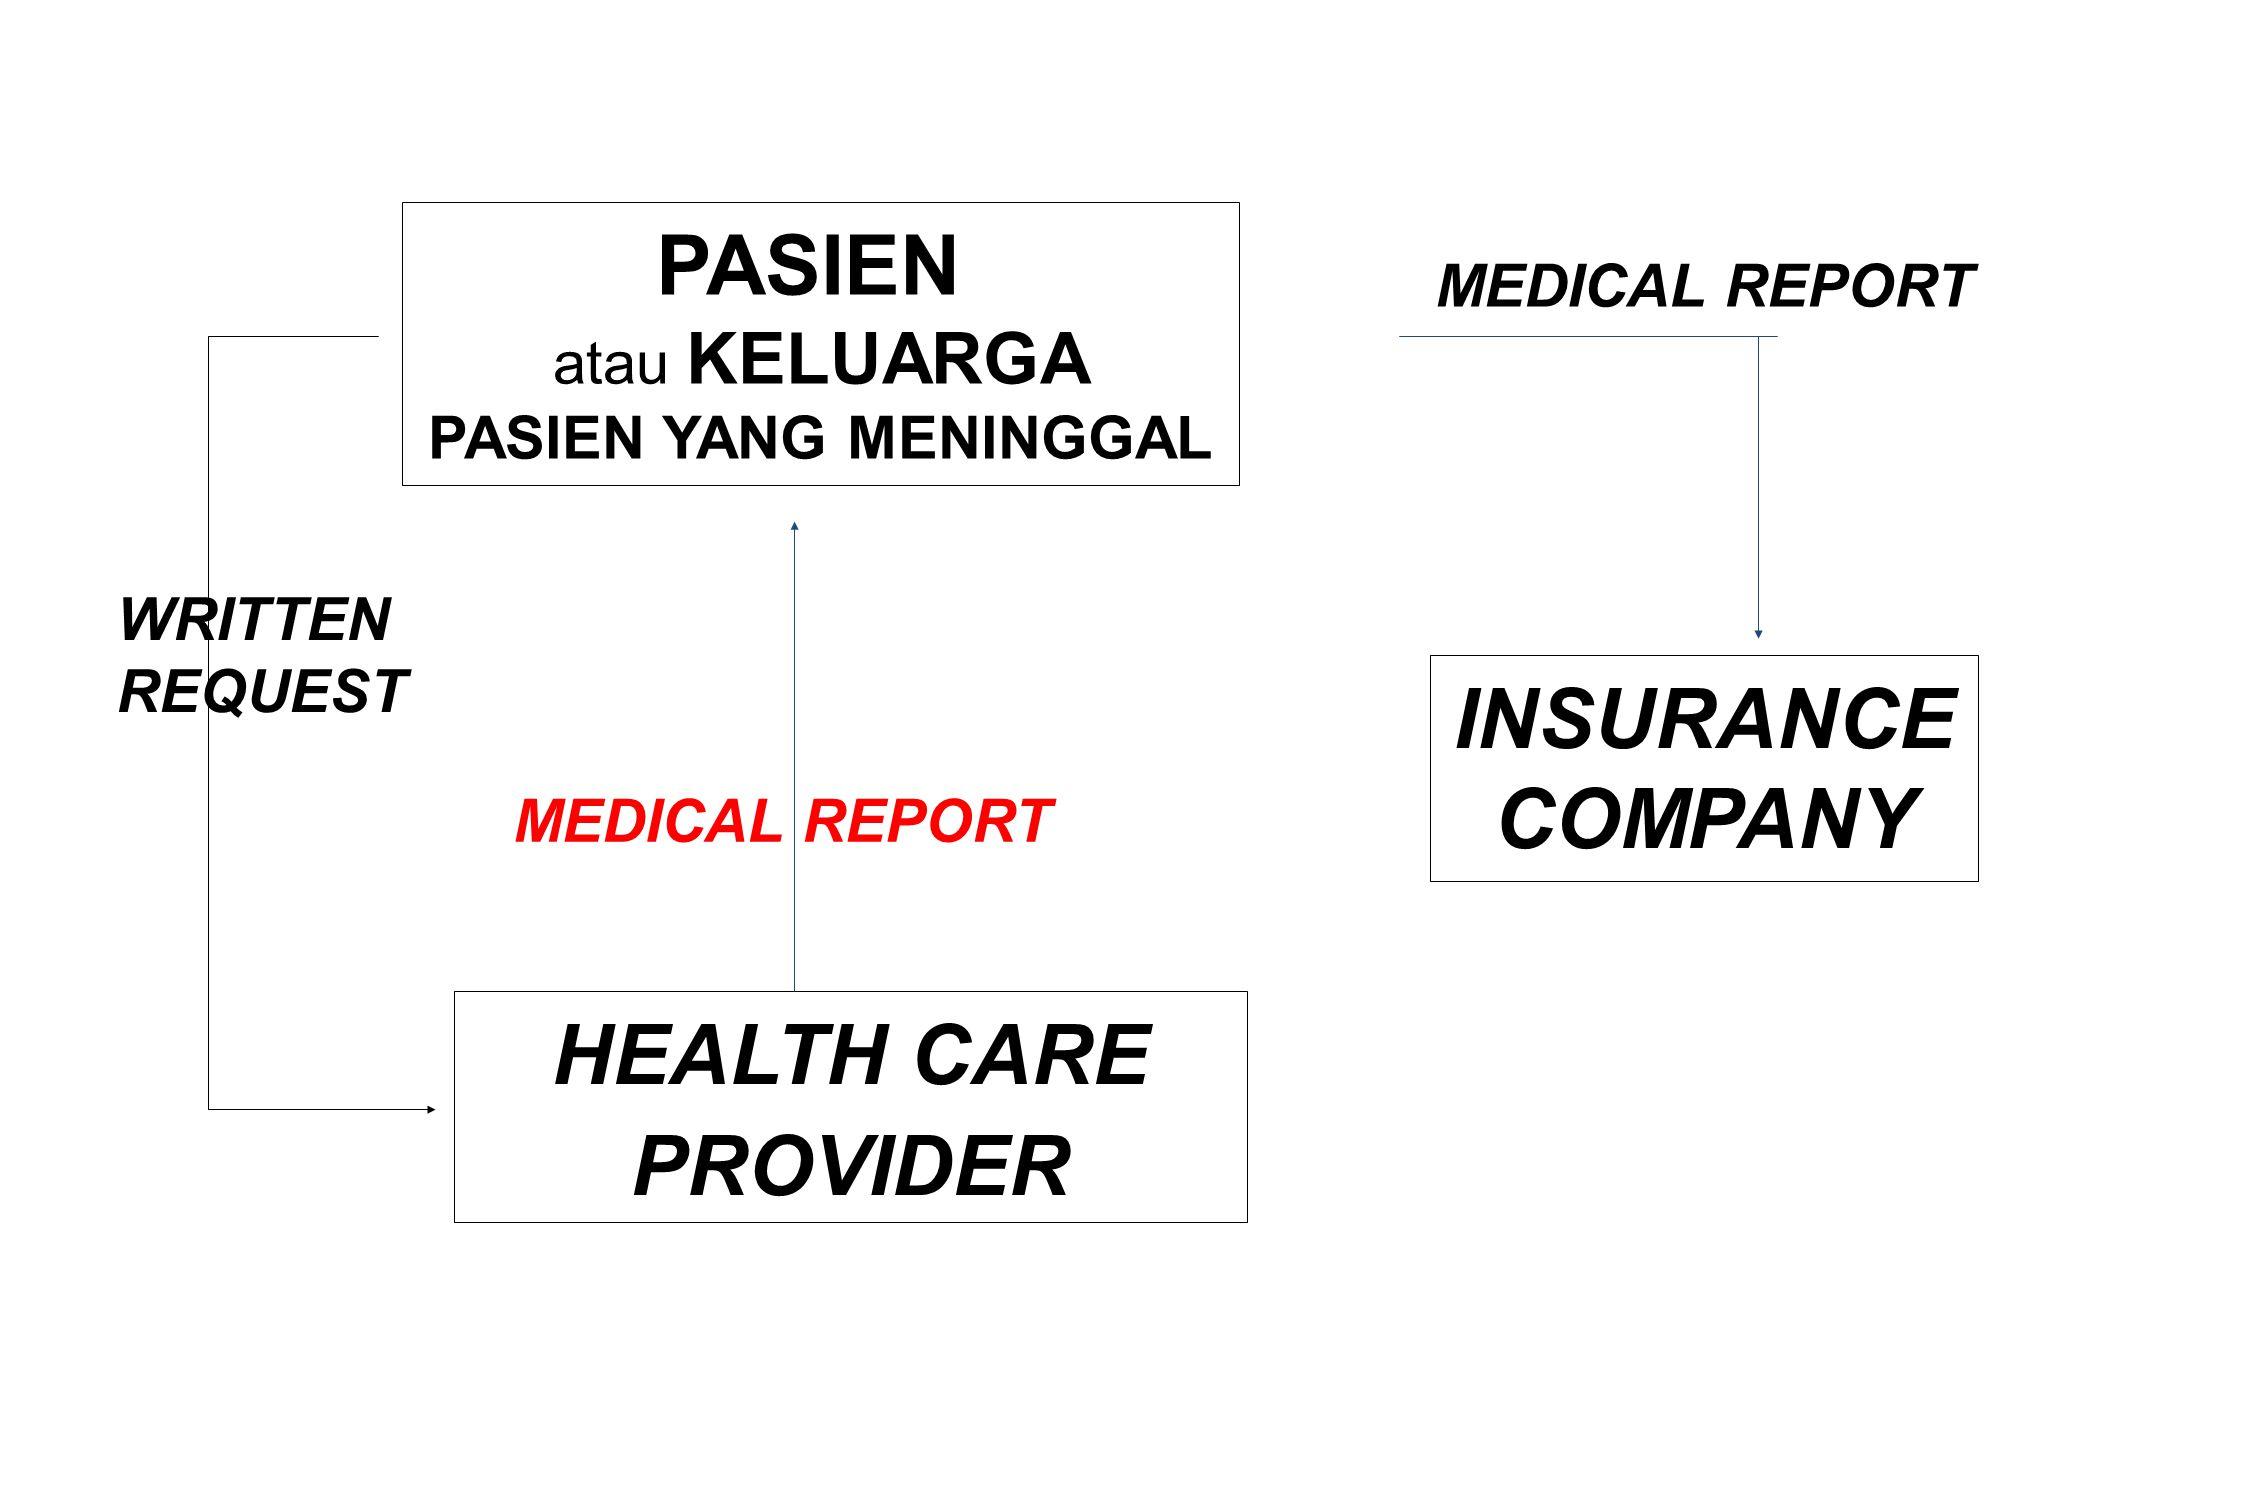 PASIEN atau KELUARGA PASIEN YANG MENINGGAL HEALTH CARE PROVIDER INSURANCE COMPANY MEDICAL REPORT MEDICAL REPORT WRITTEN REQUEST